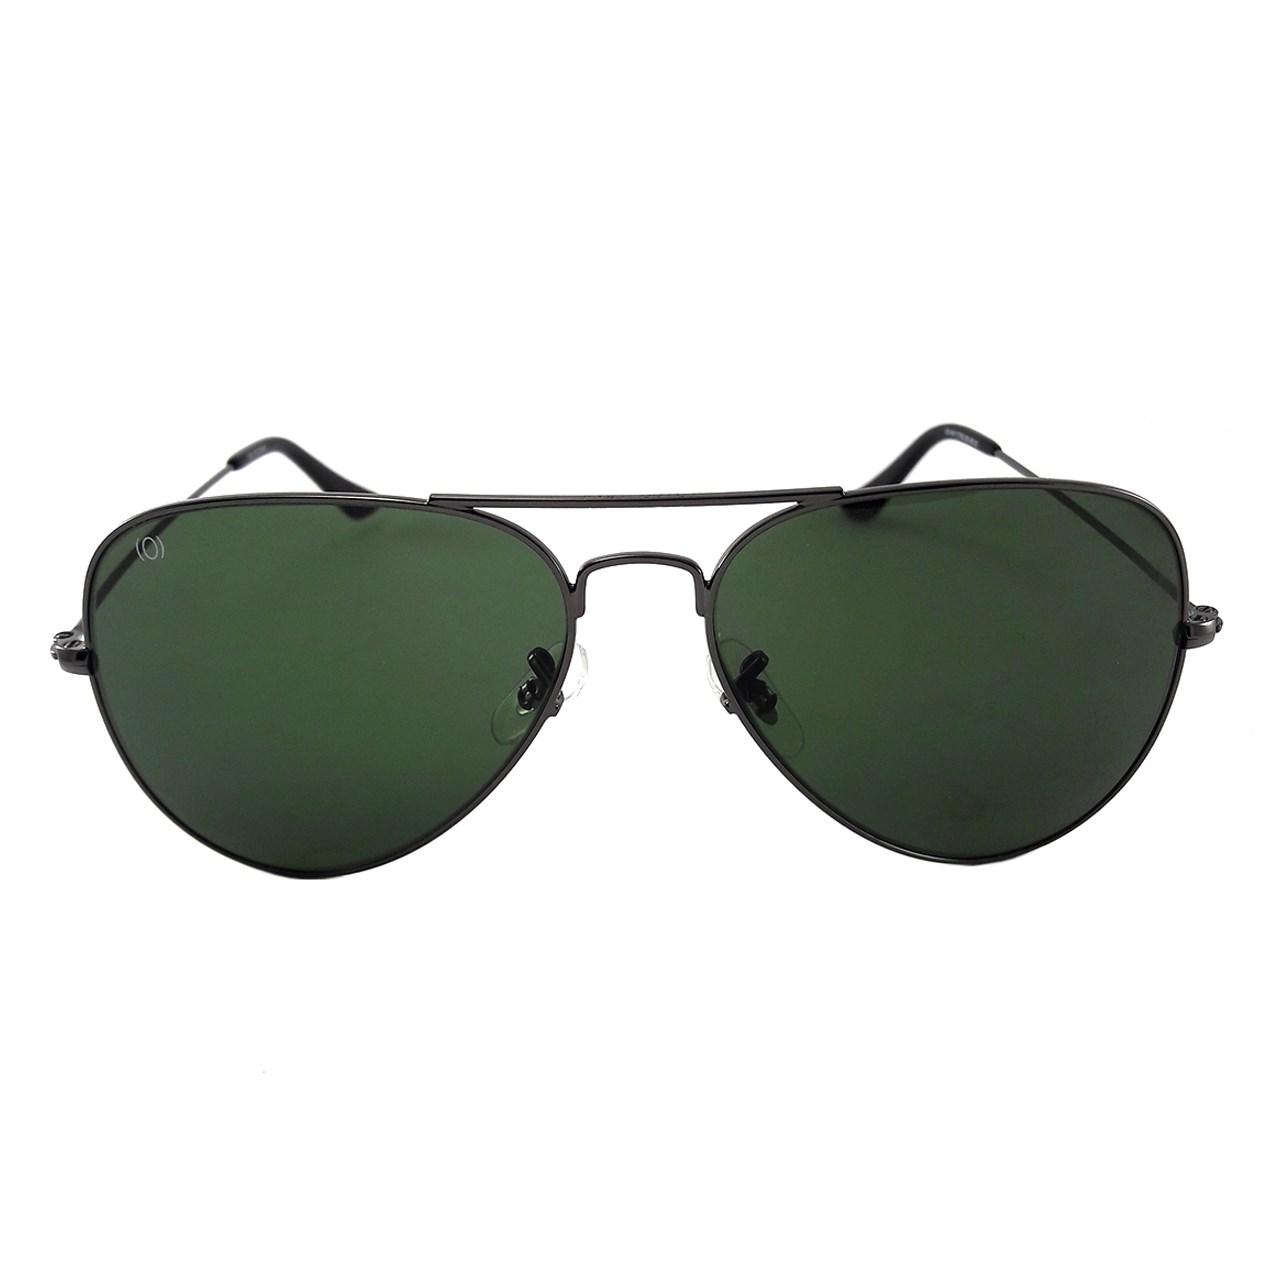 قیمت عینک آفتابی صاایران مدل پلیسی